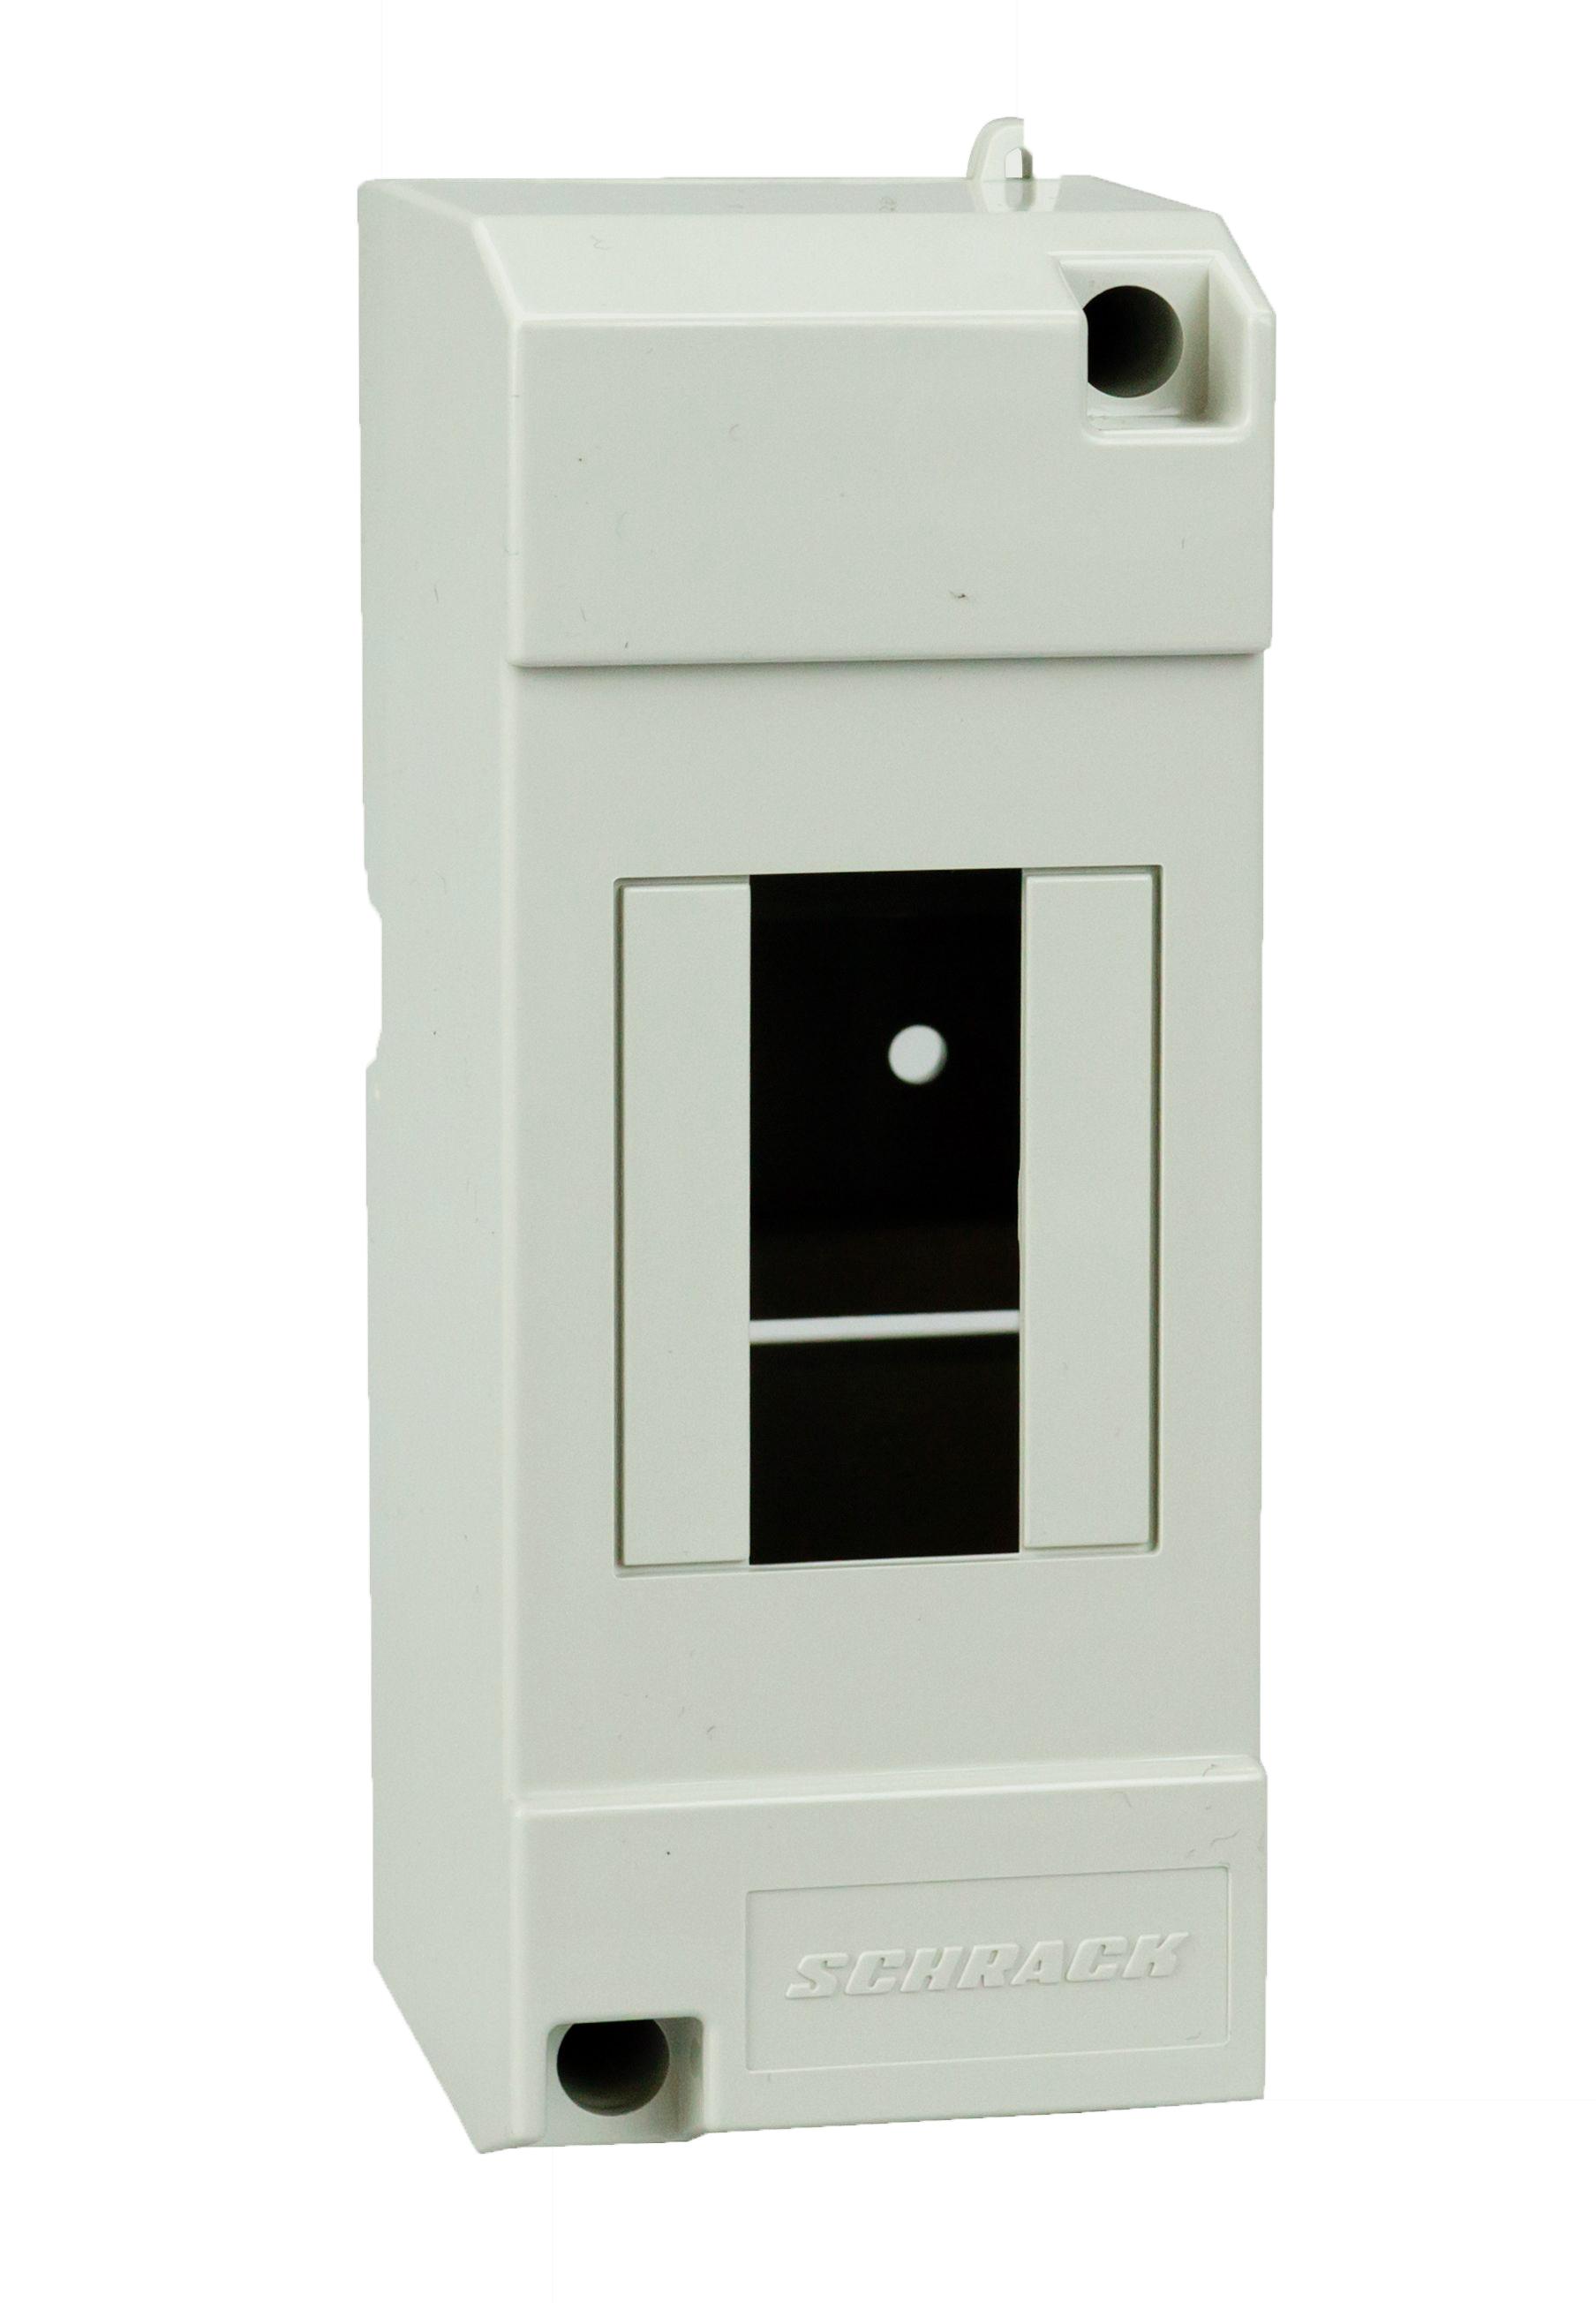 1 Stk Aufputz-Haubenverteiler, 2TE, 1-reihig ohne Tür, IP40 IM009010--